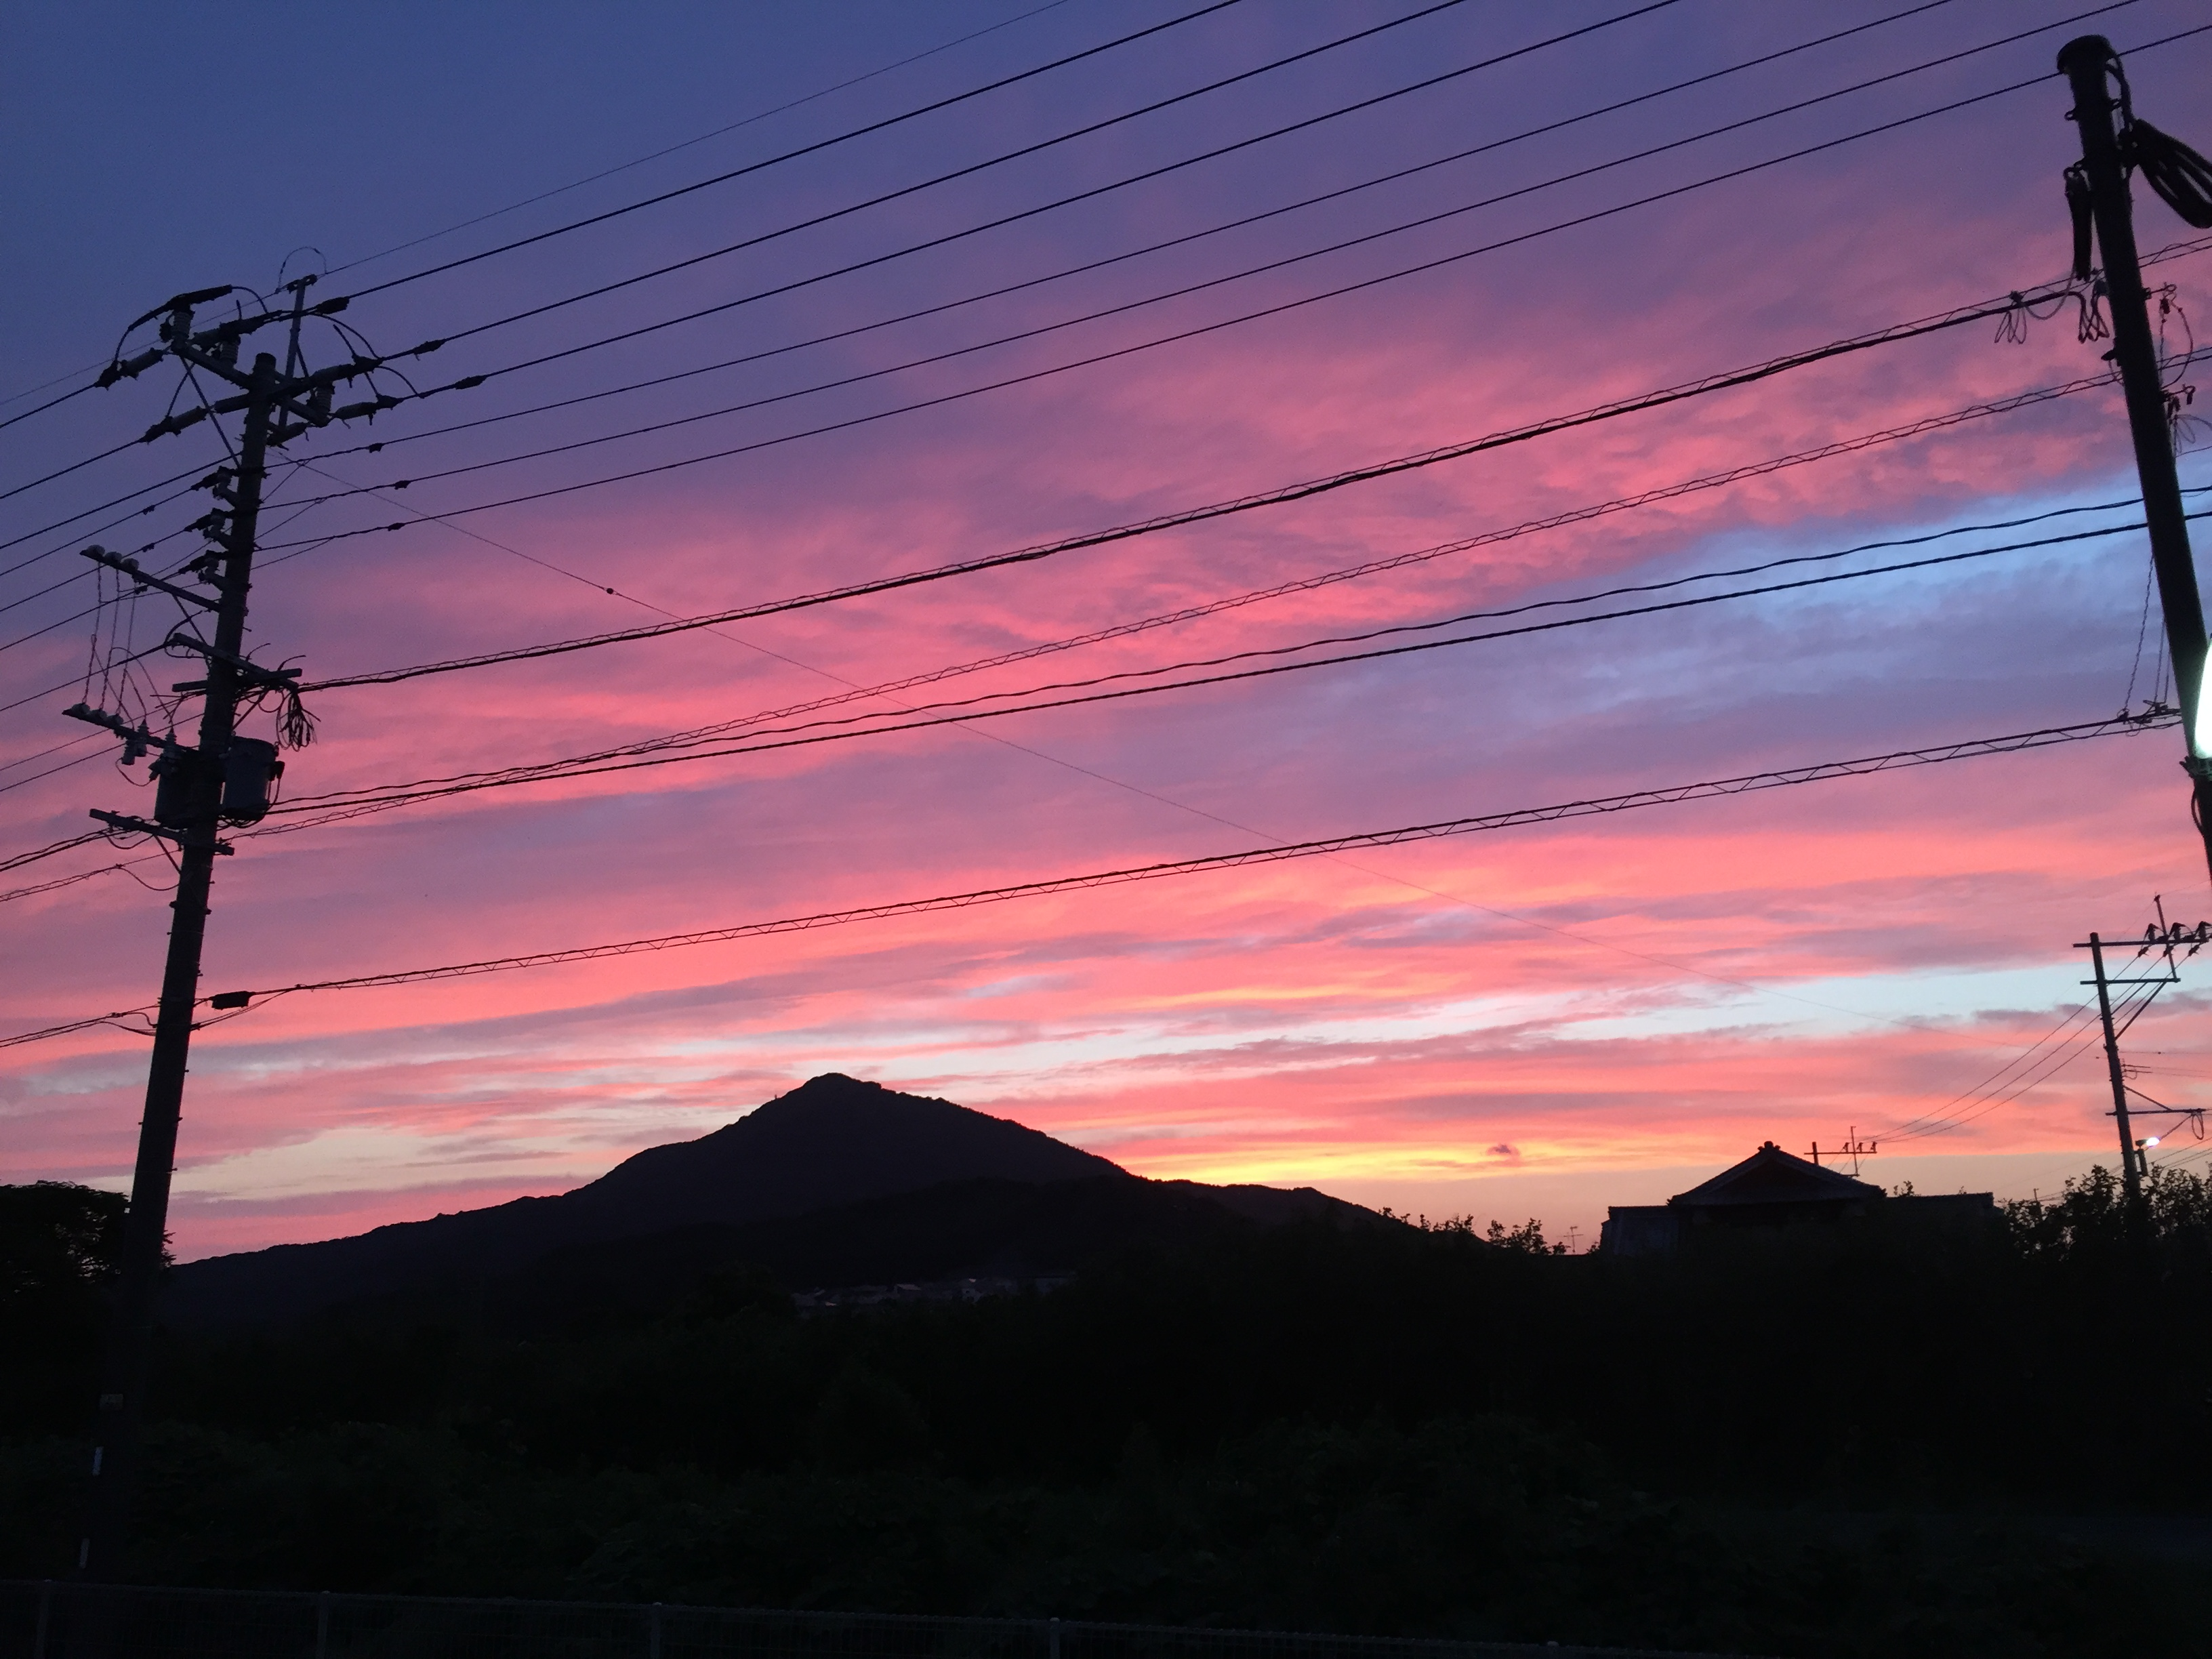 夕暮れの可也山 糸島市